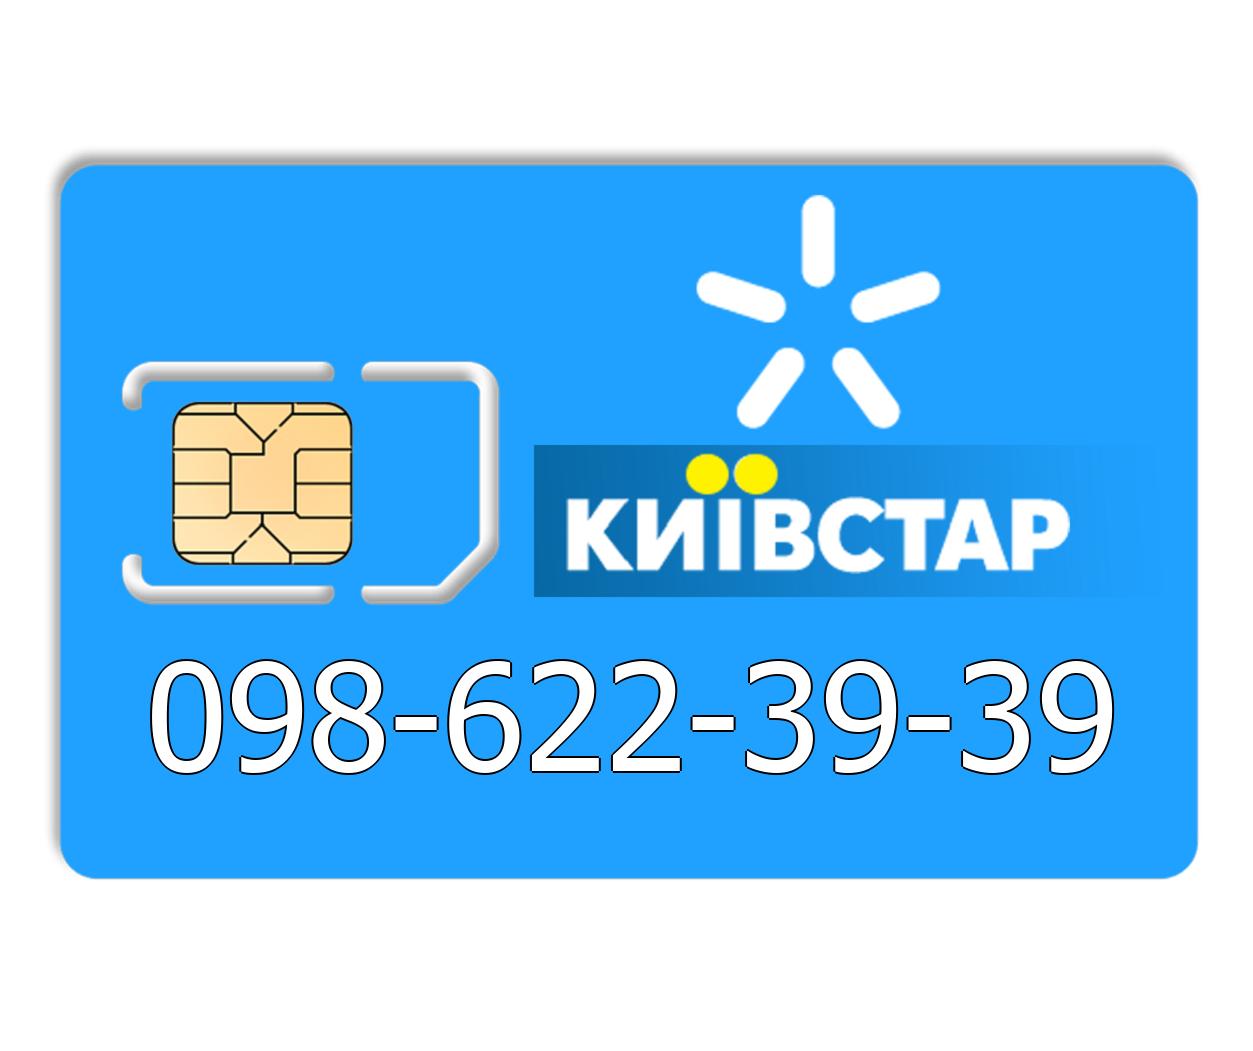 Красивый номер Киевстар 098-622-39-39